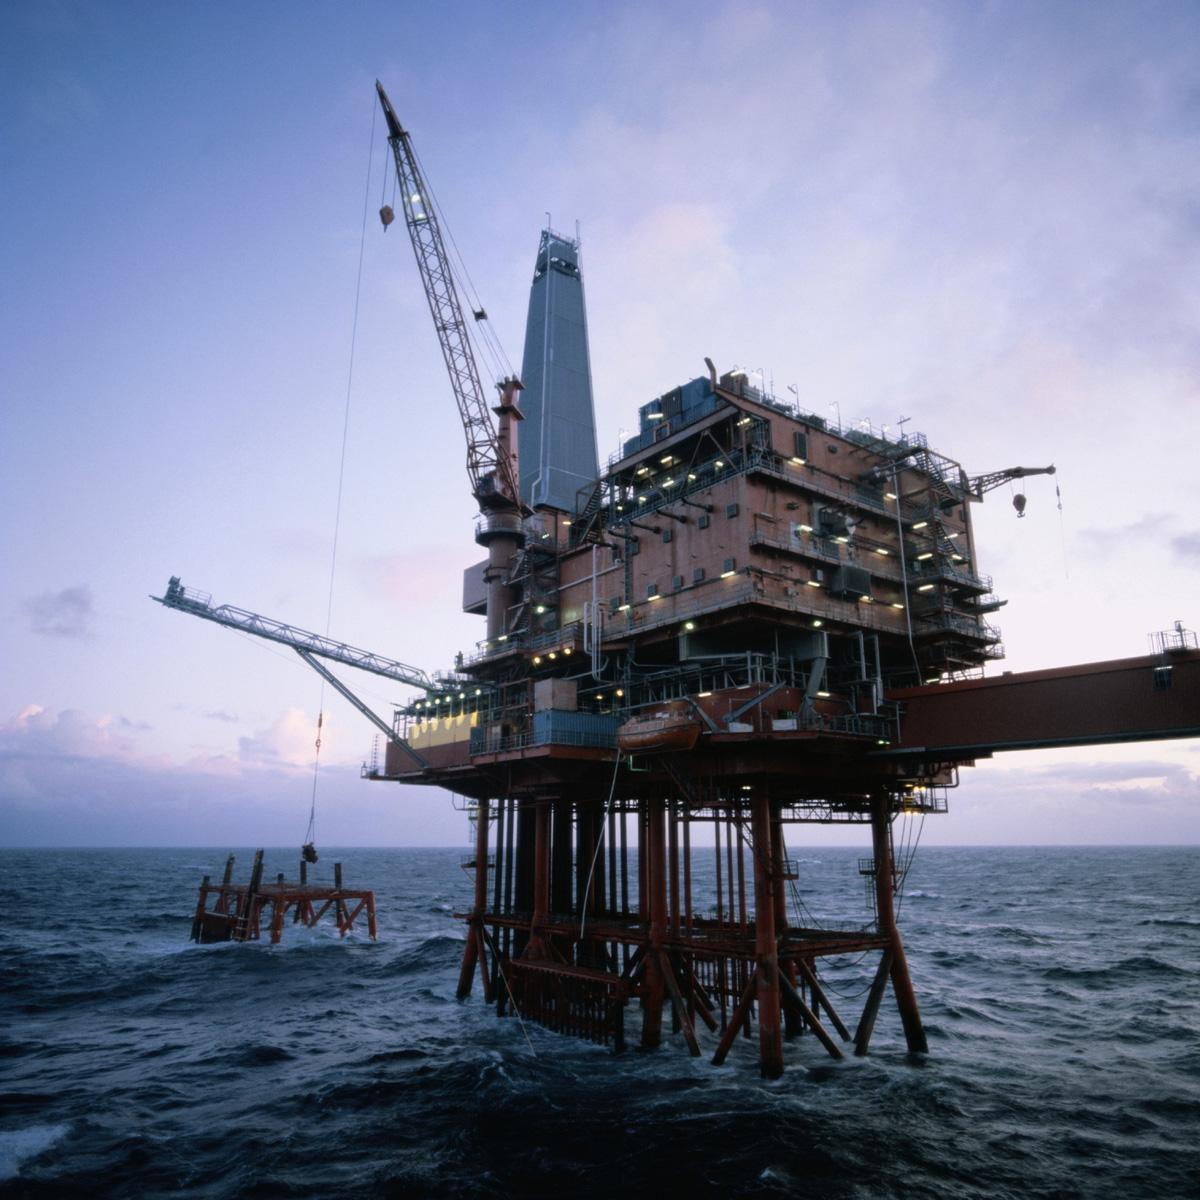 Mısır'ın Akdeniz`de doğalgaz çıkarma girişimi `koordinat`a takıldı